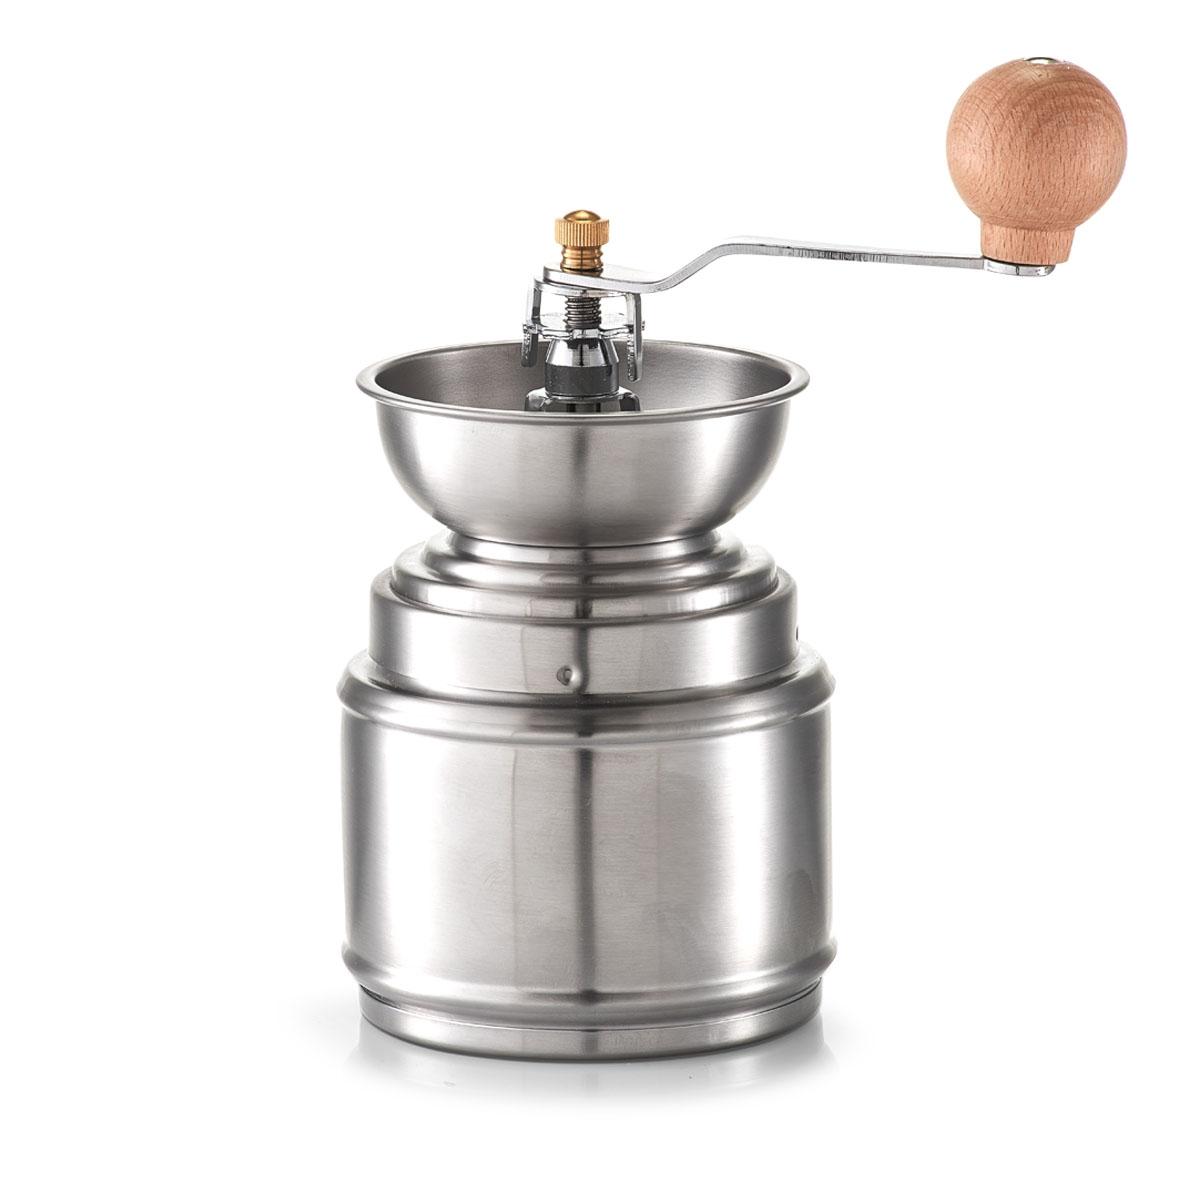 Rasnita manuala pentru cafea din inox Silver O 95xH16/22 cm